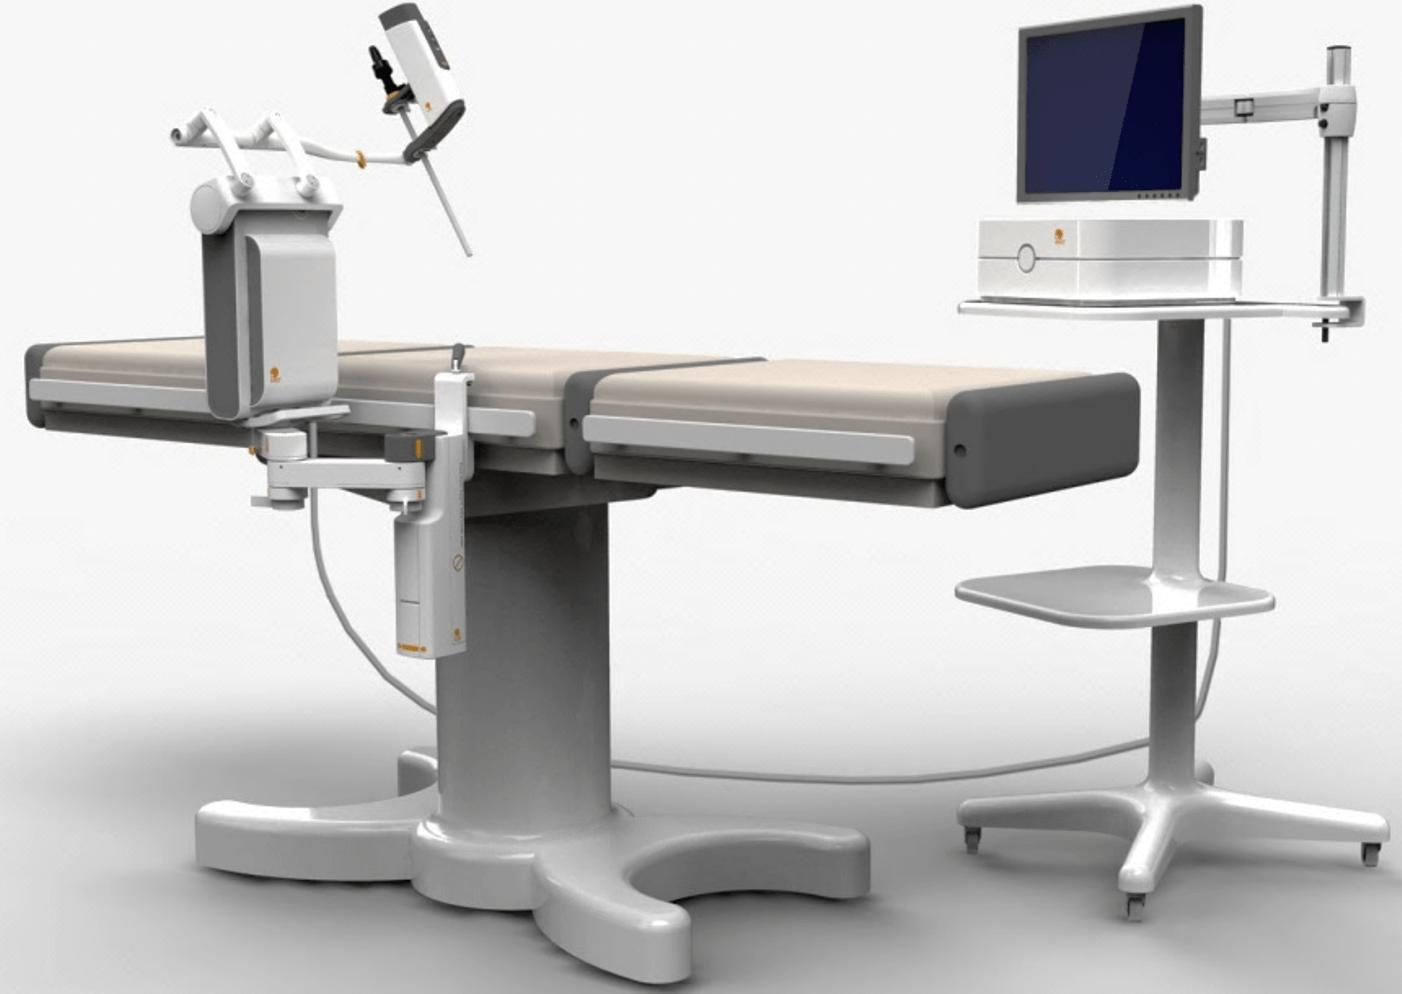 sistema de posicionamiento laparoscópica guiada por imagen AutoLap del MST.  Foto: cortesía